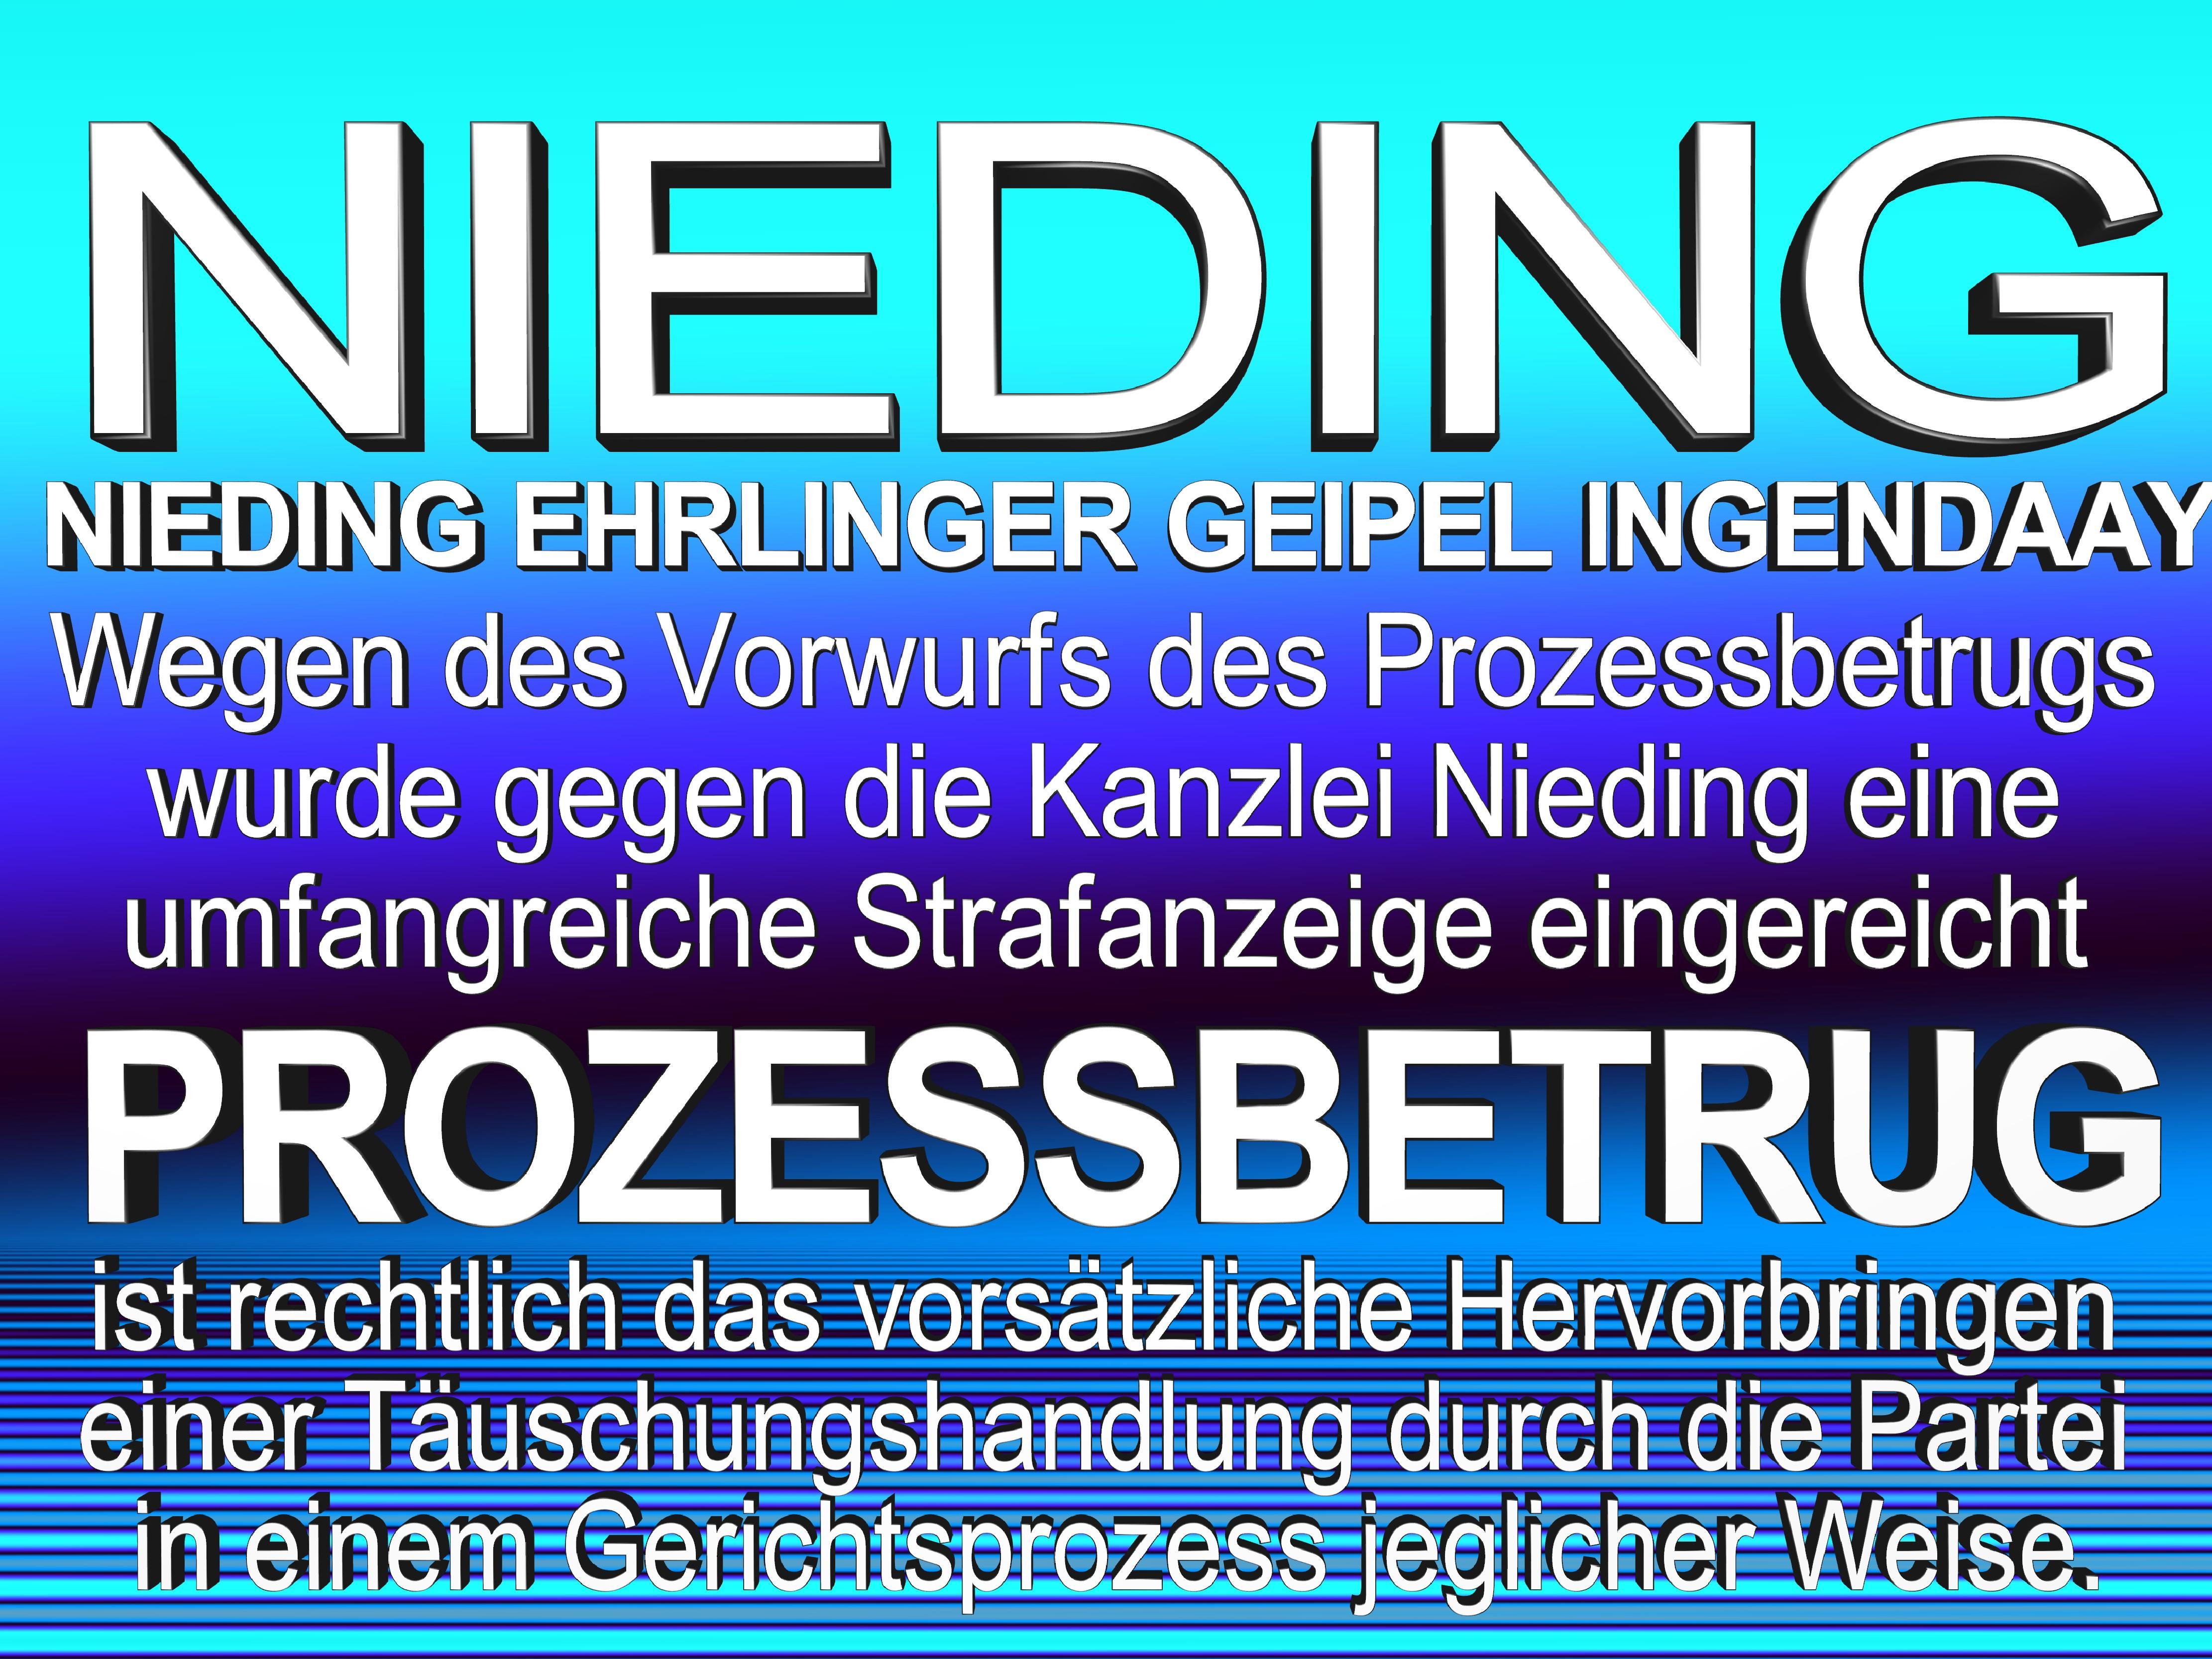 NIEDING EHRLINGER GEIPEL INGENDAAY LELKE Kurfürstendamm 66 Berlin (38)